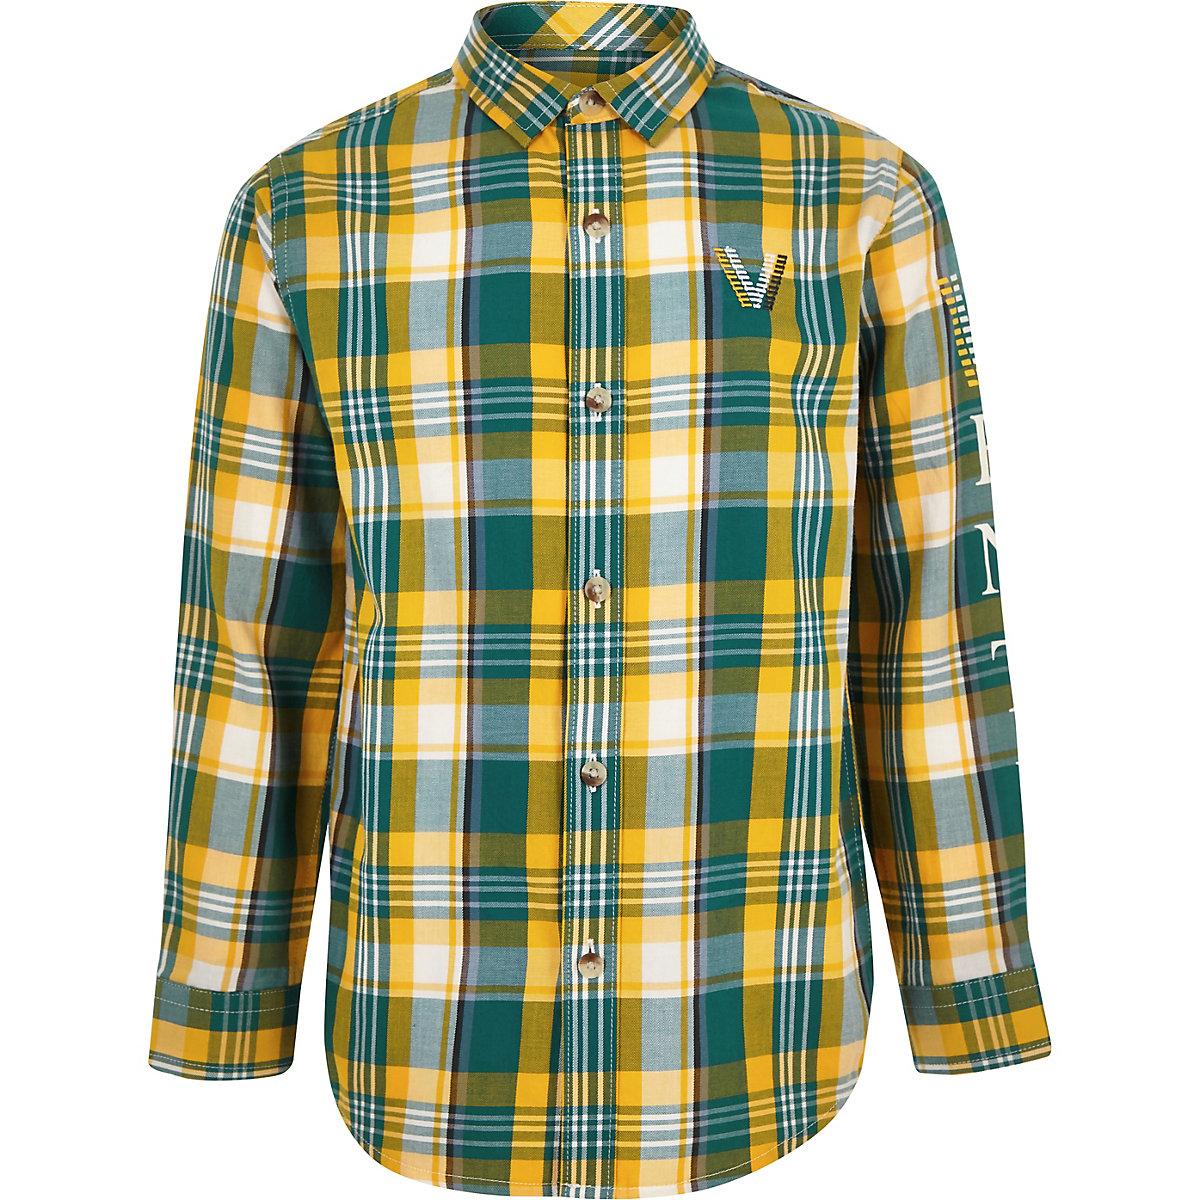 Groen Geruit Overhemd.Groen Geruit Overhemd Voor Jongens Overhemden Met Lange Mouwen